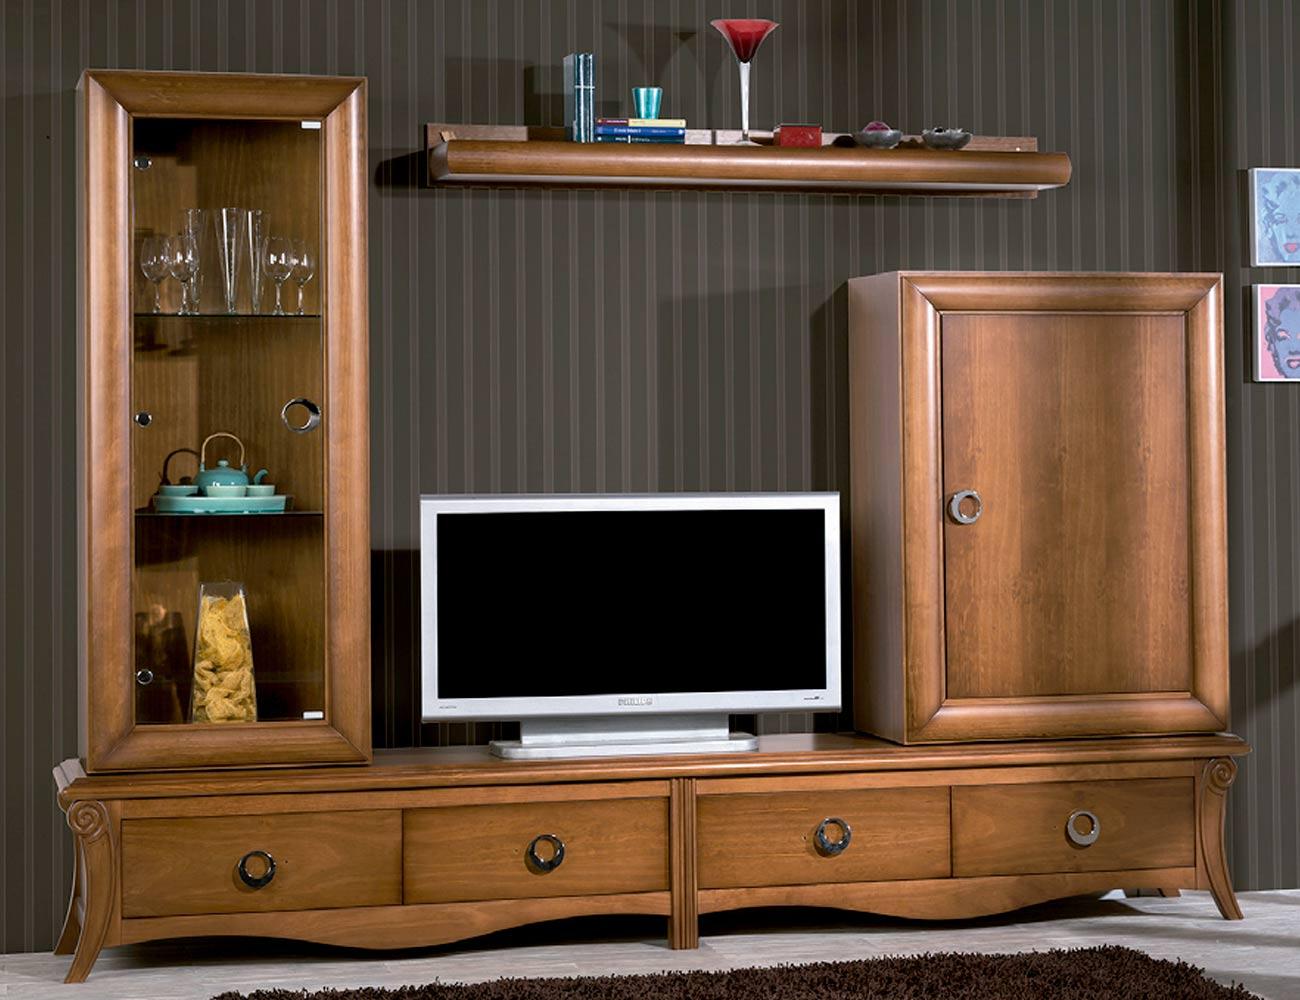 Mueble salon neoclasico color 1521